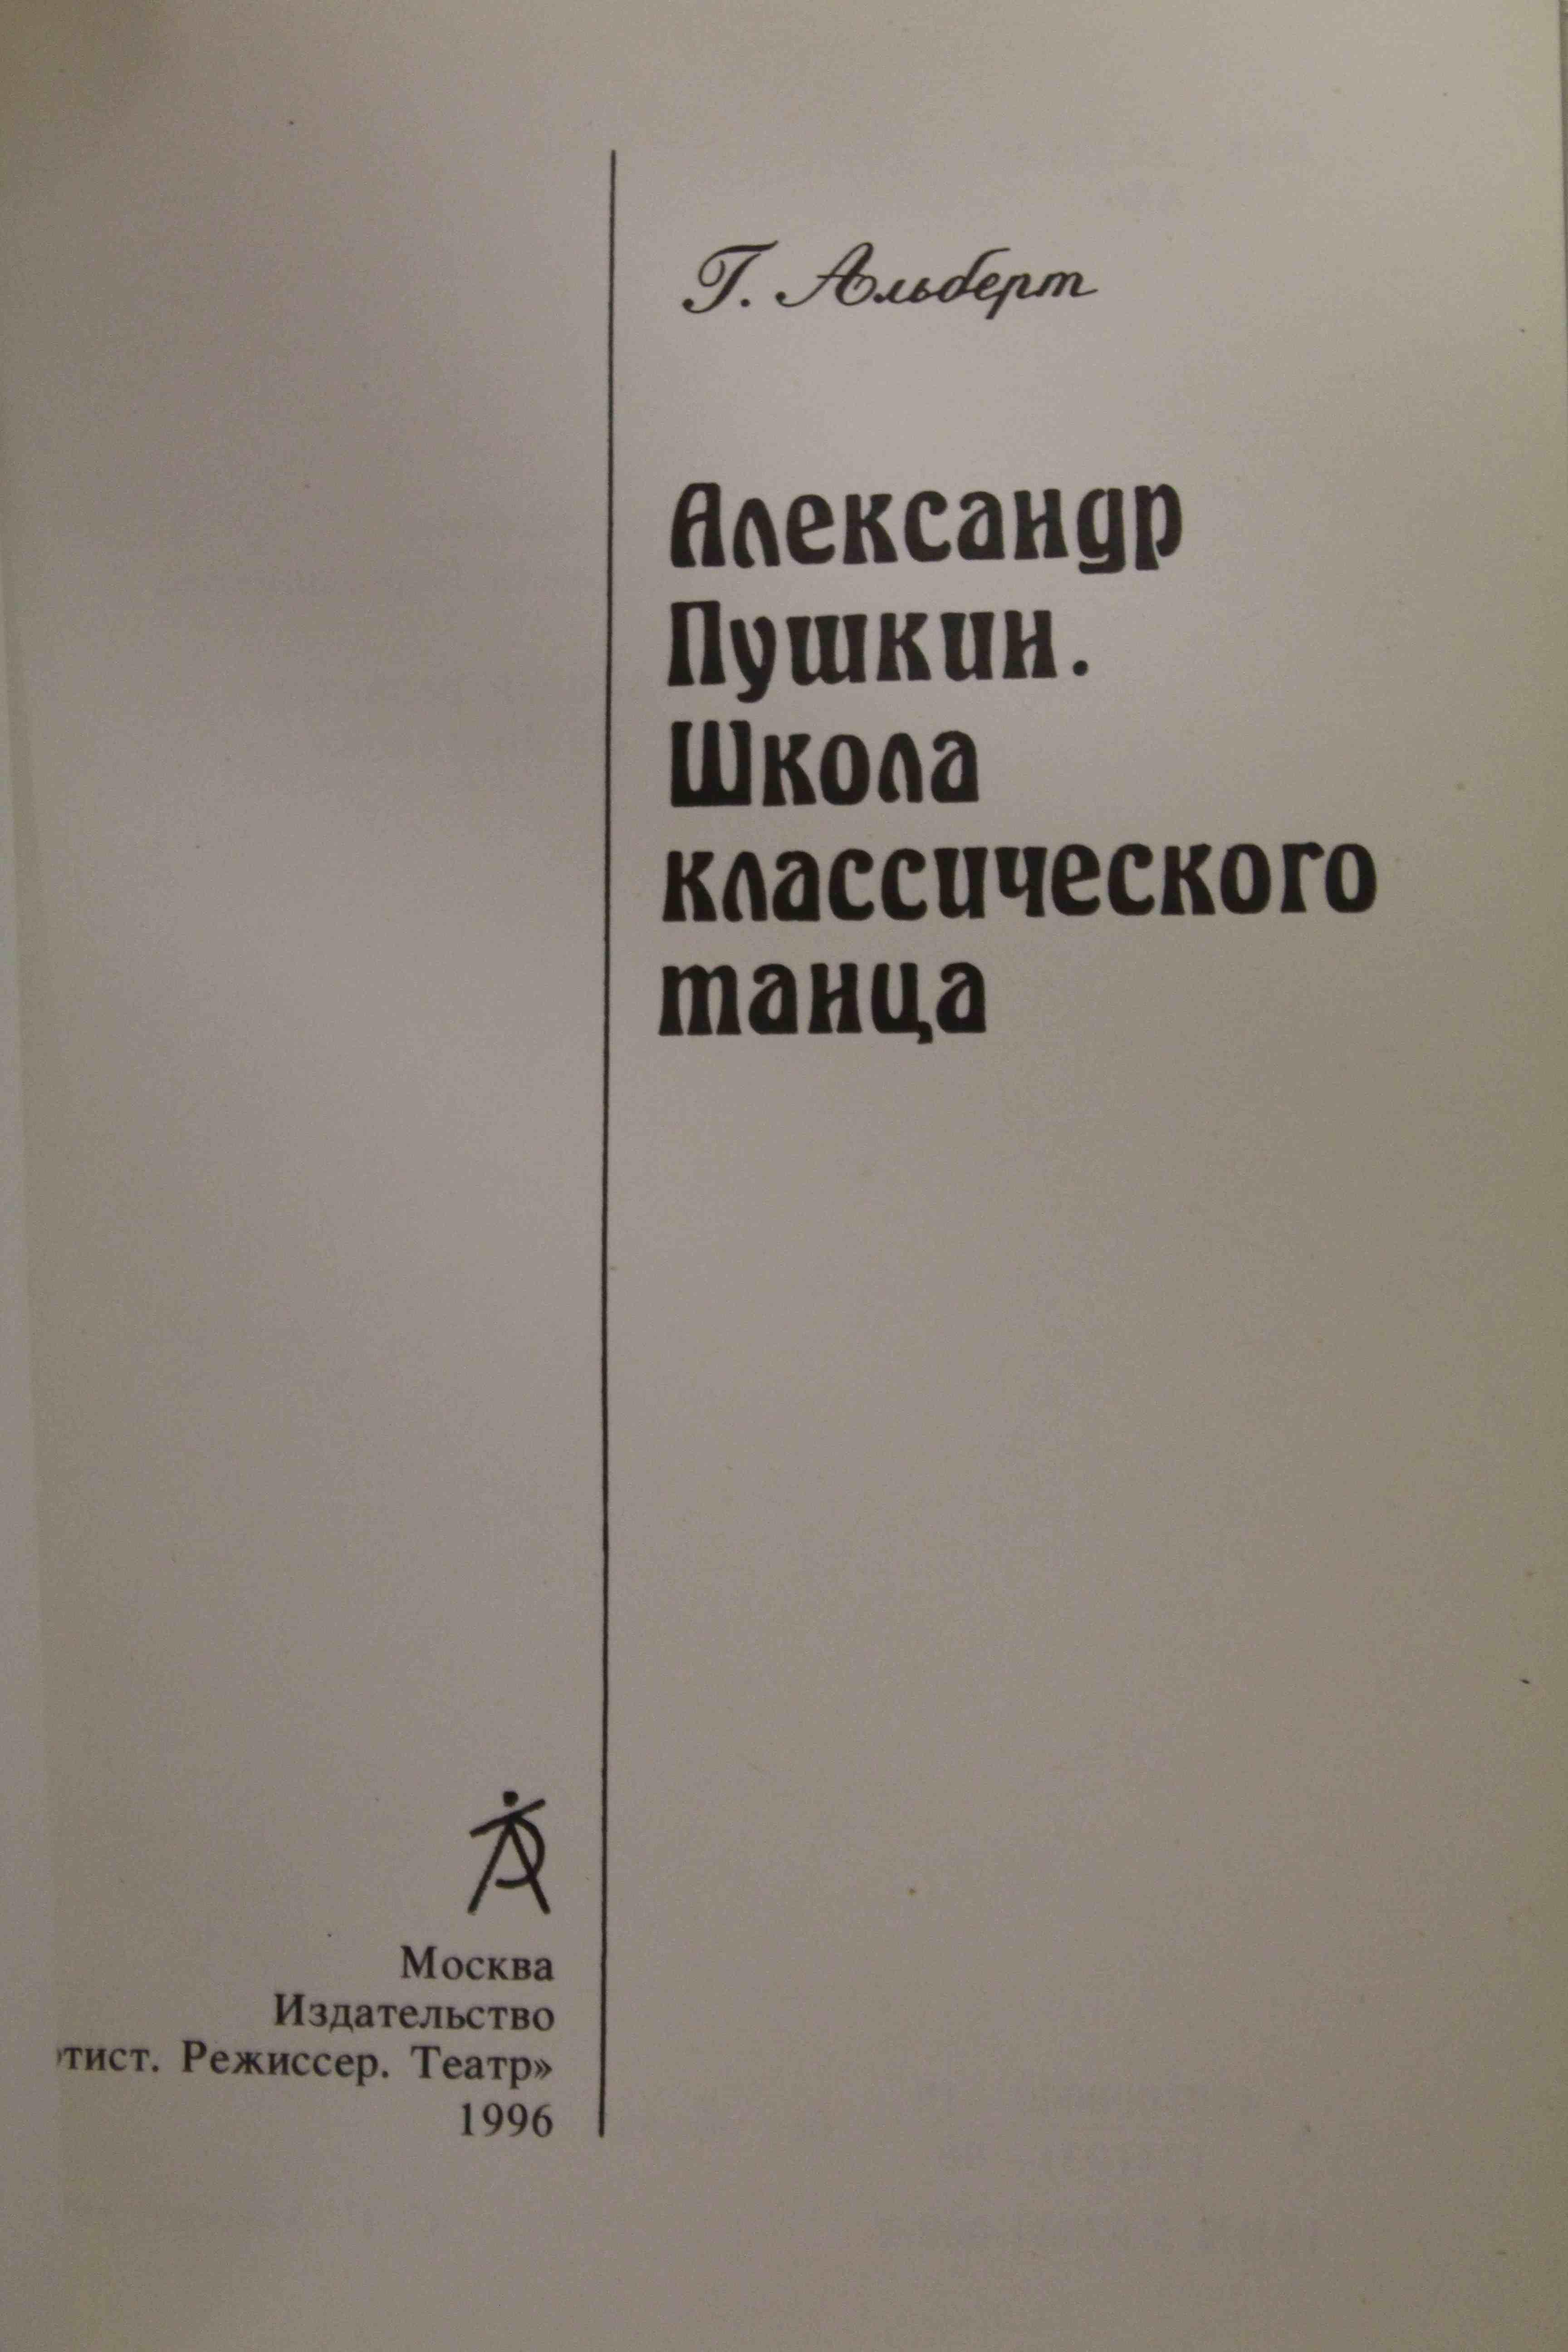 Scuola di Danza Classica (1996) - A. I. Pushkin - Школа классического танца (1996) -  А. И. Пу́шкин